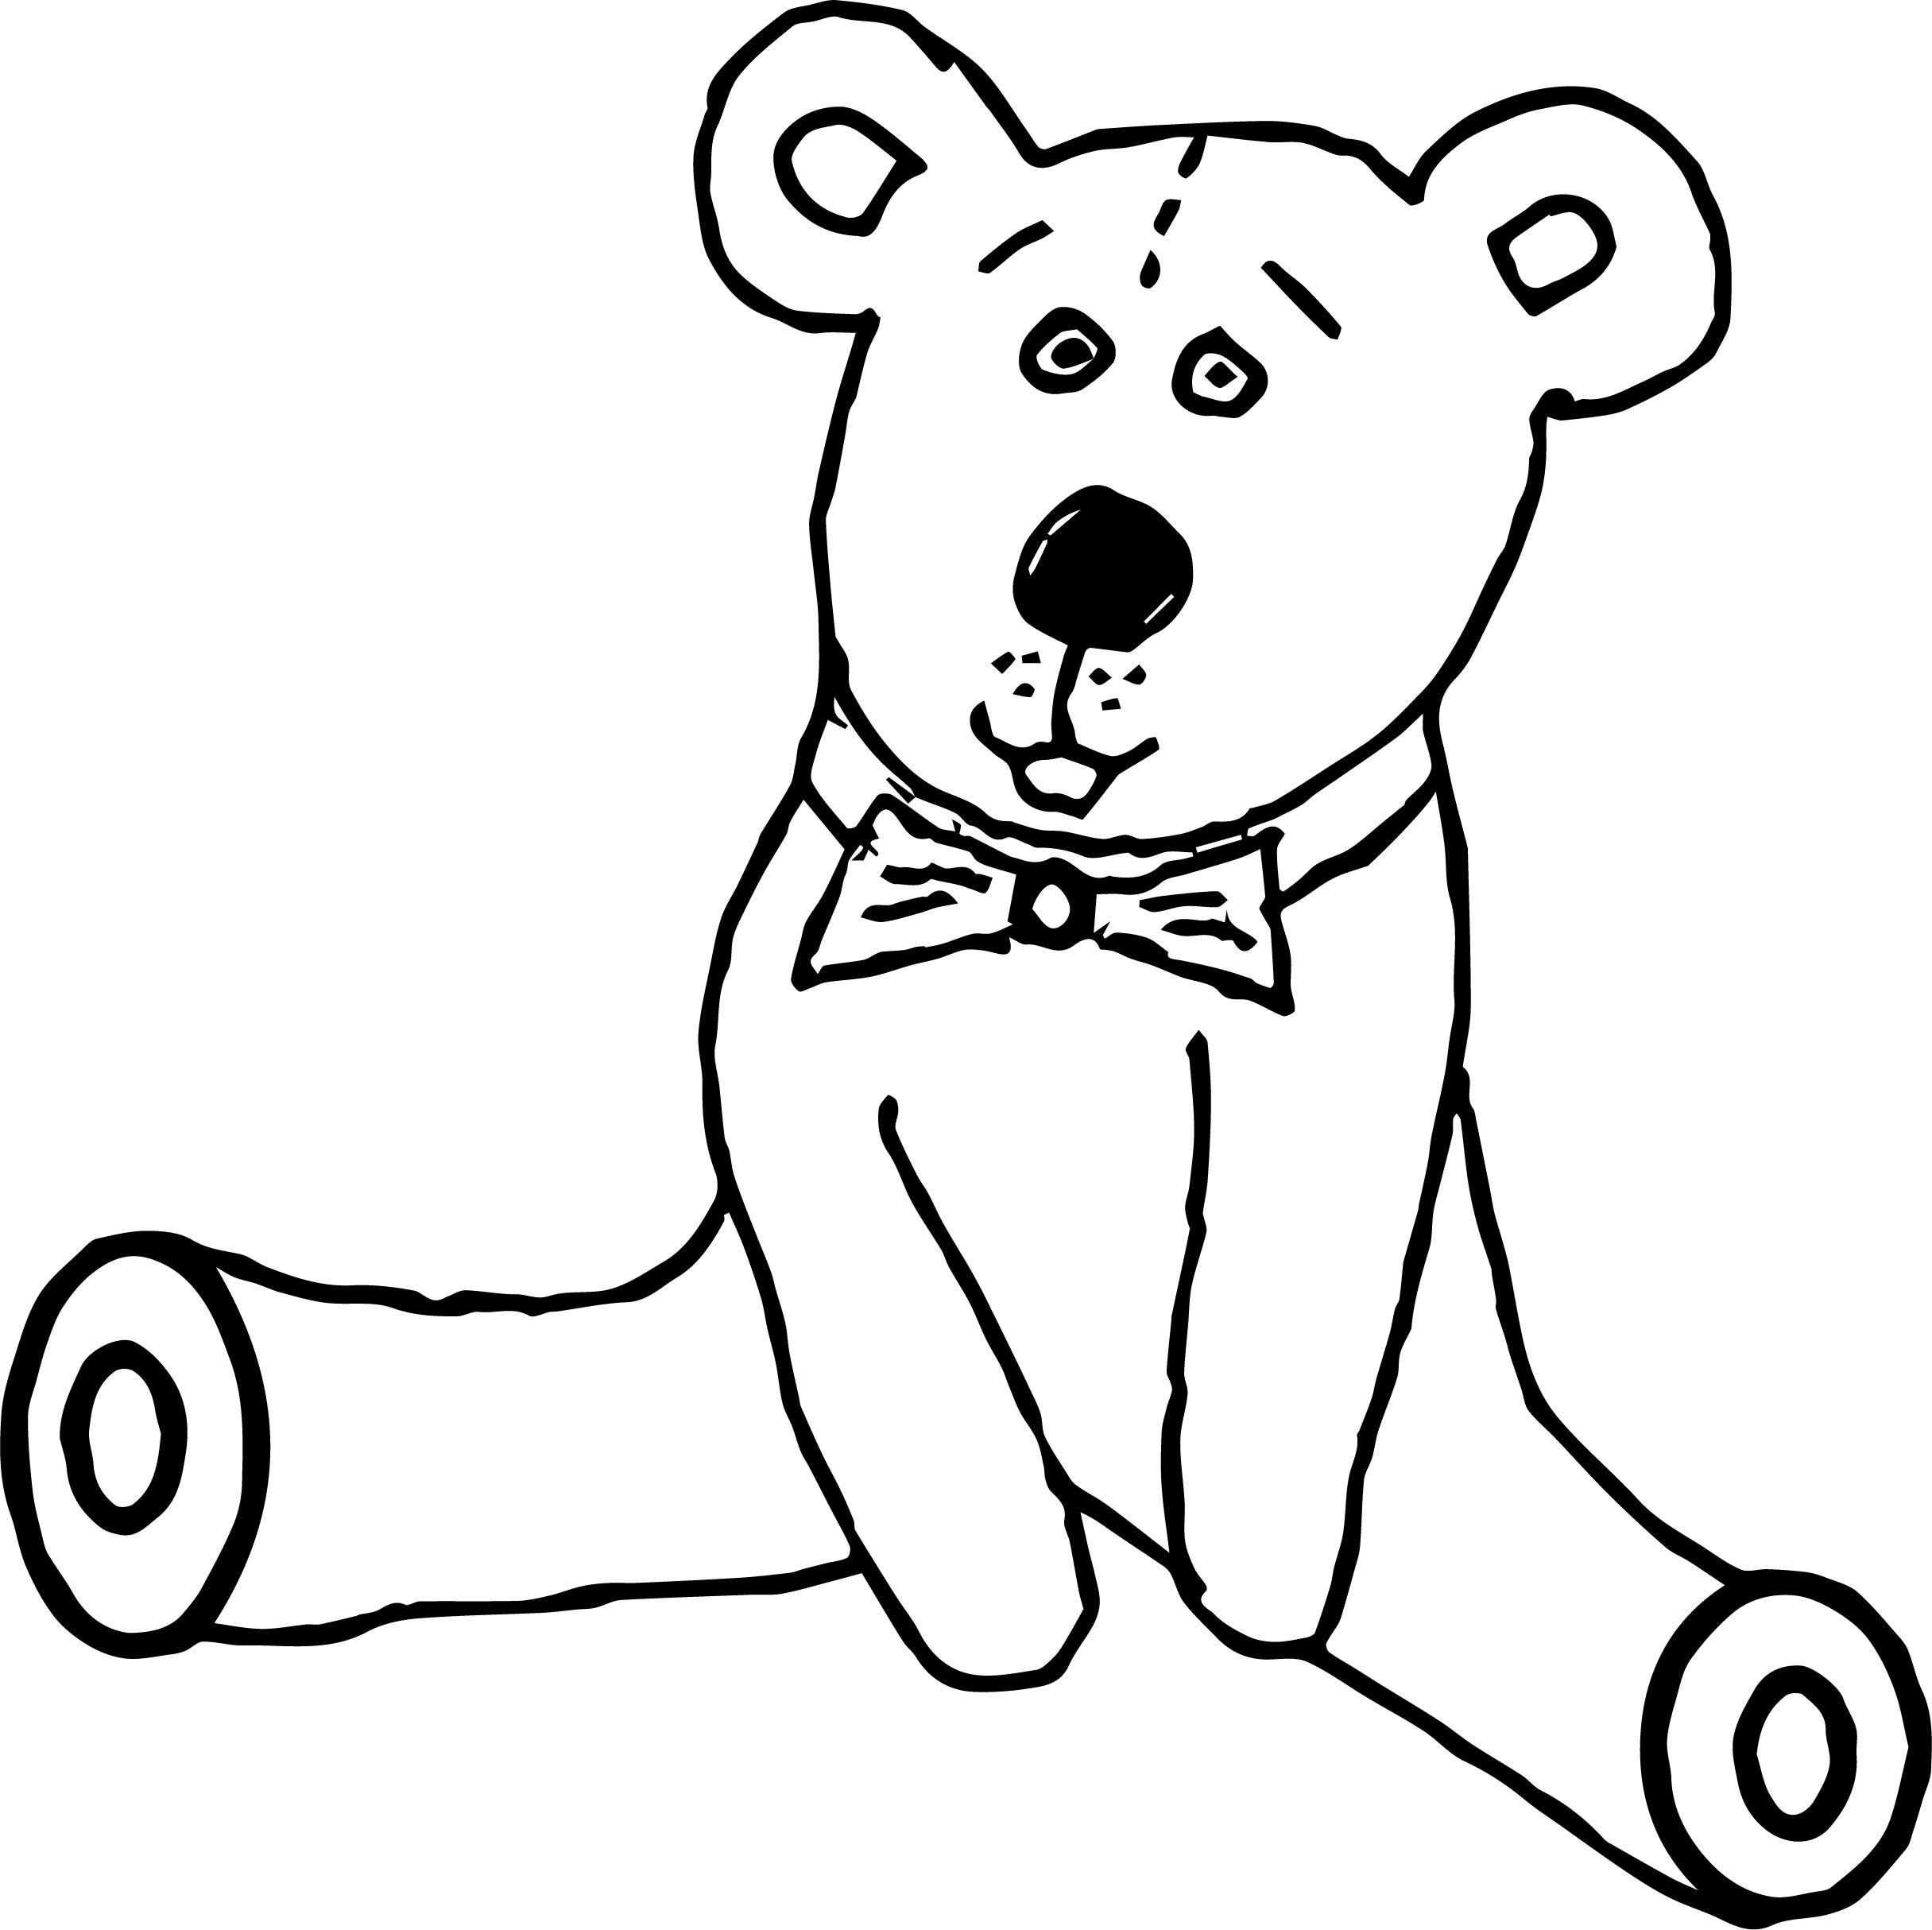 At Bear Coloring Page